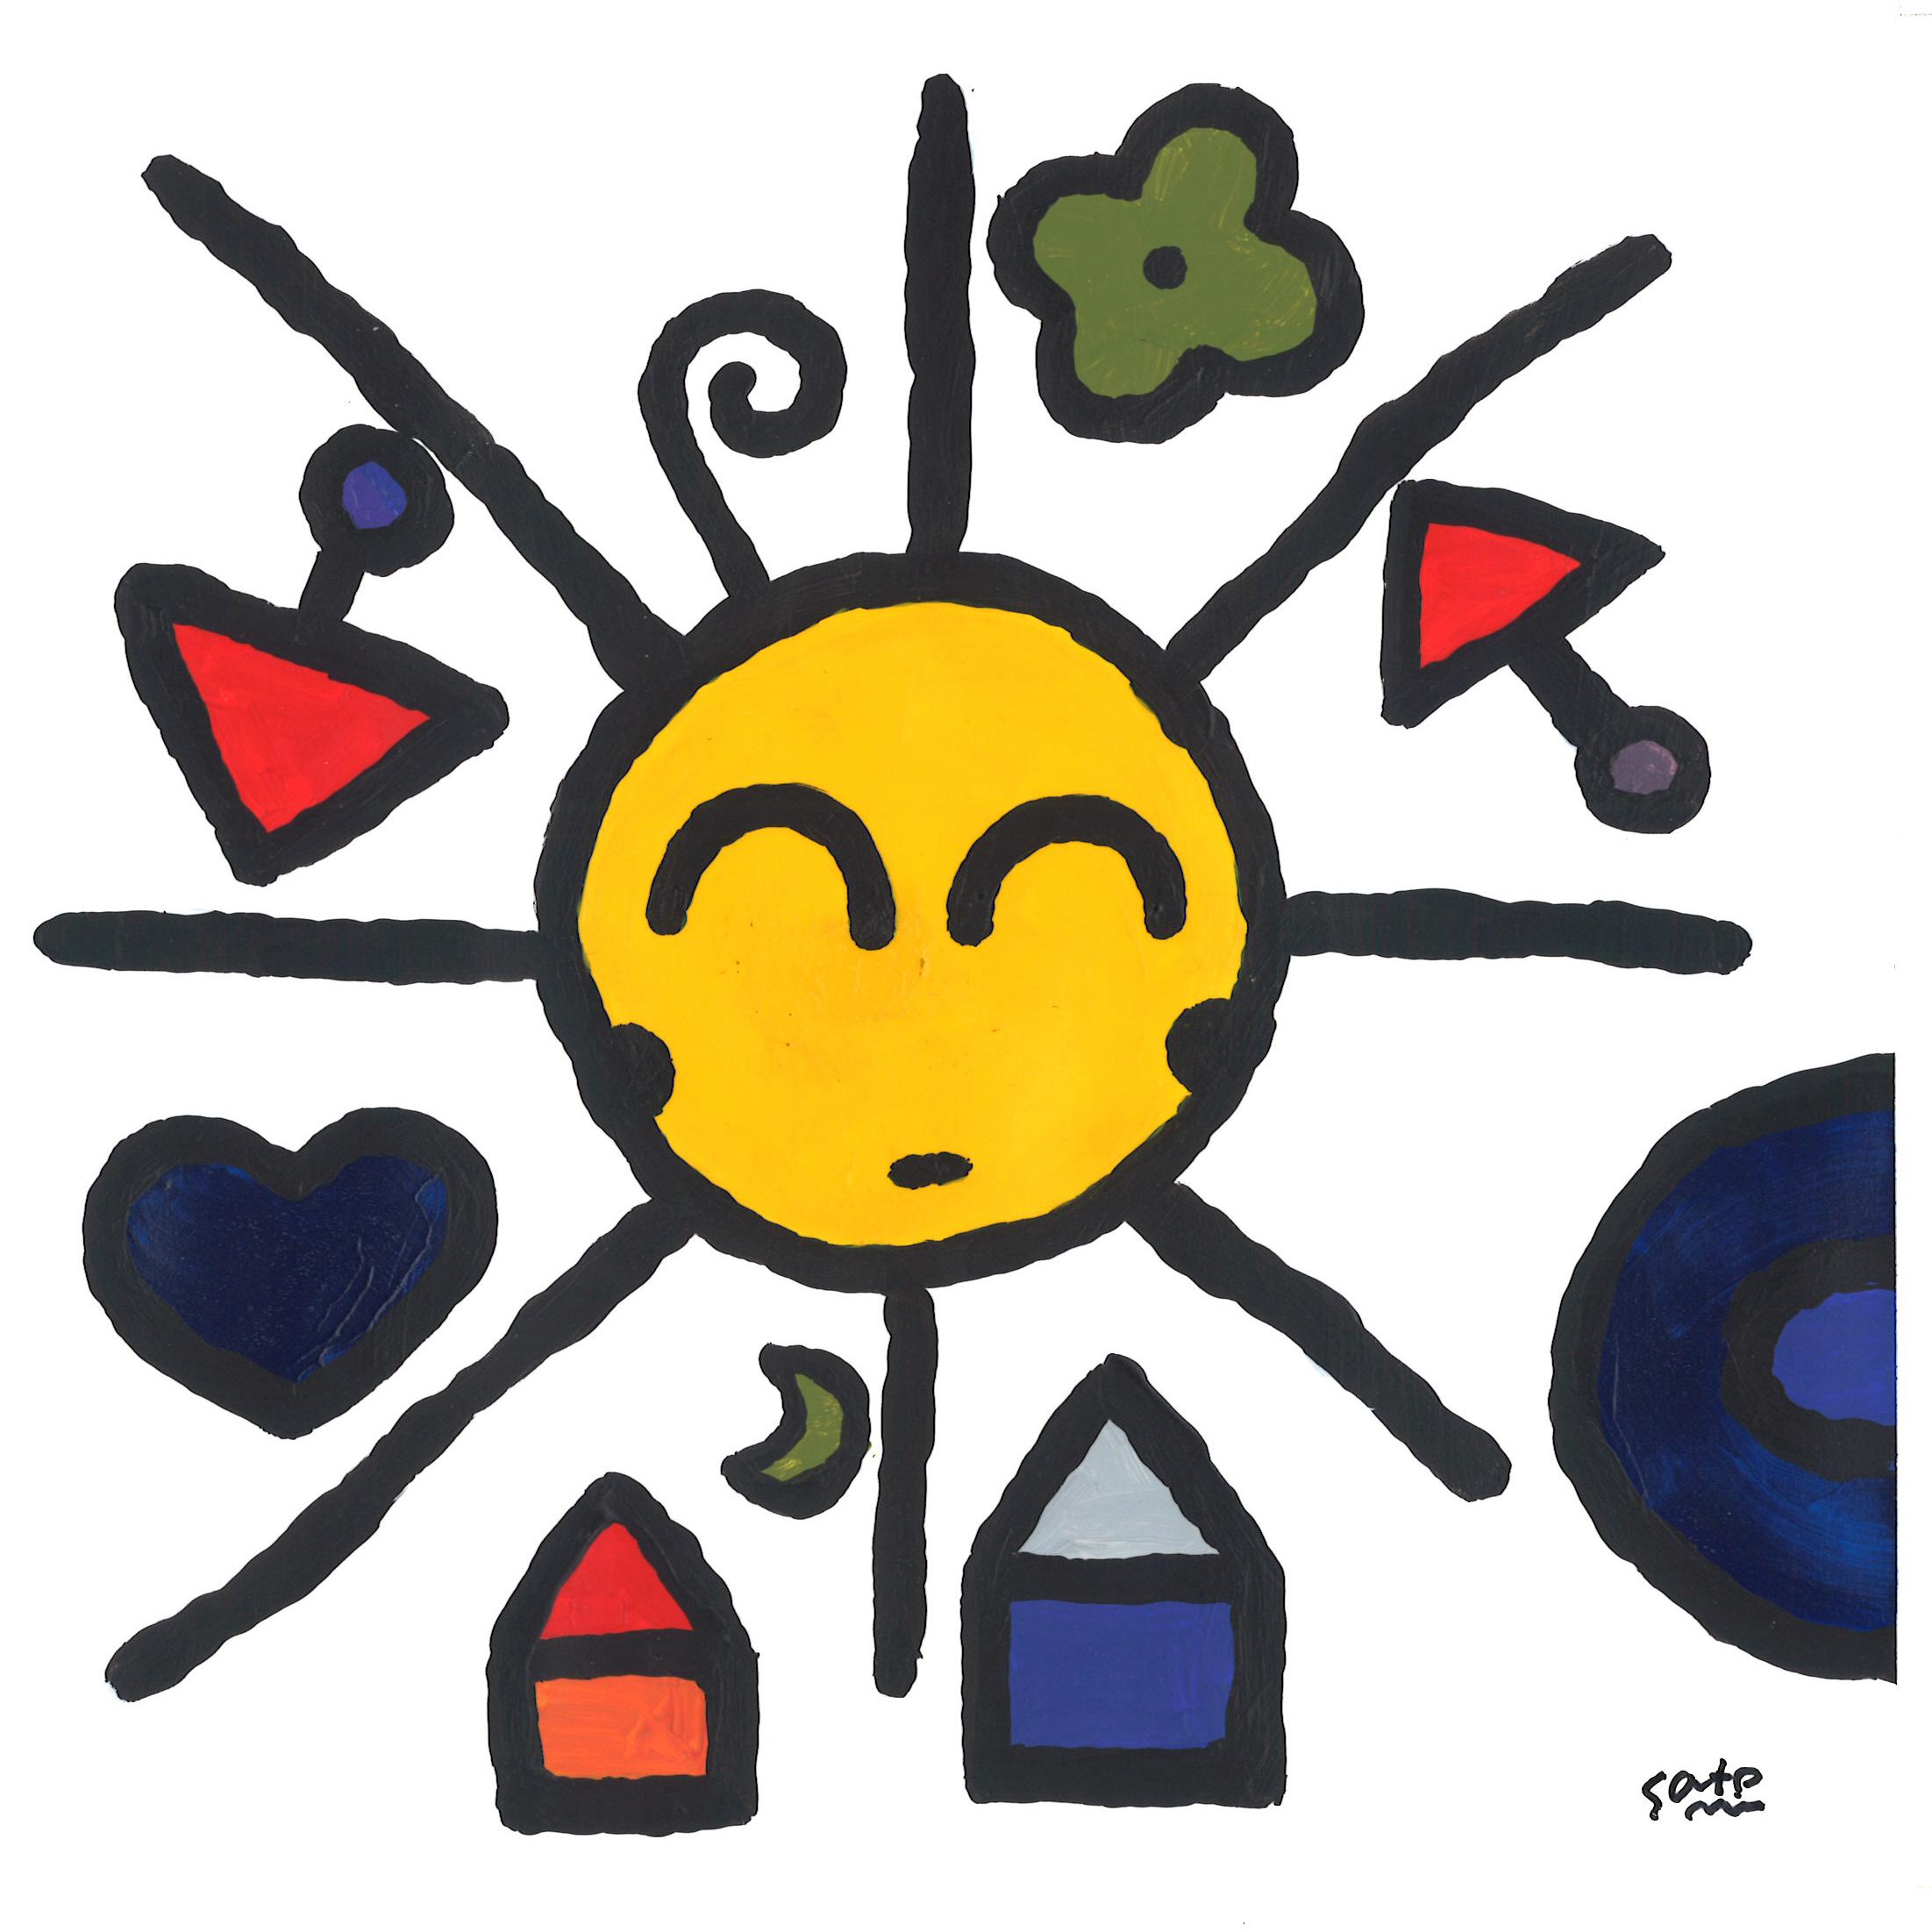 日本の四季は、春夏秋冬です。変わることなく、この順番です。「今年は、夏が終わって春が来ました。」なんて、聞いたことがありません。そしたらね。見つけたんです。ちゃーんとお仕事している24人の「節気」のみなさまを。季節の変わり目を知らせる節気たち。昔から伝わるこよみ「二十四節気」をもとにした、絵本のような物語です。